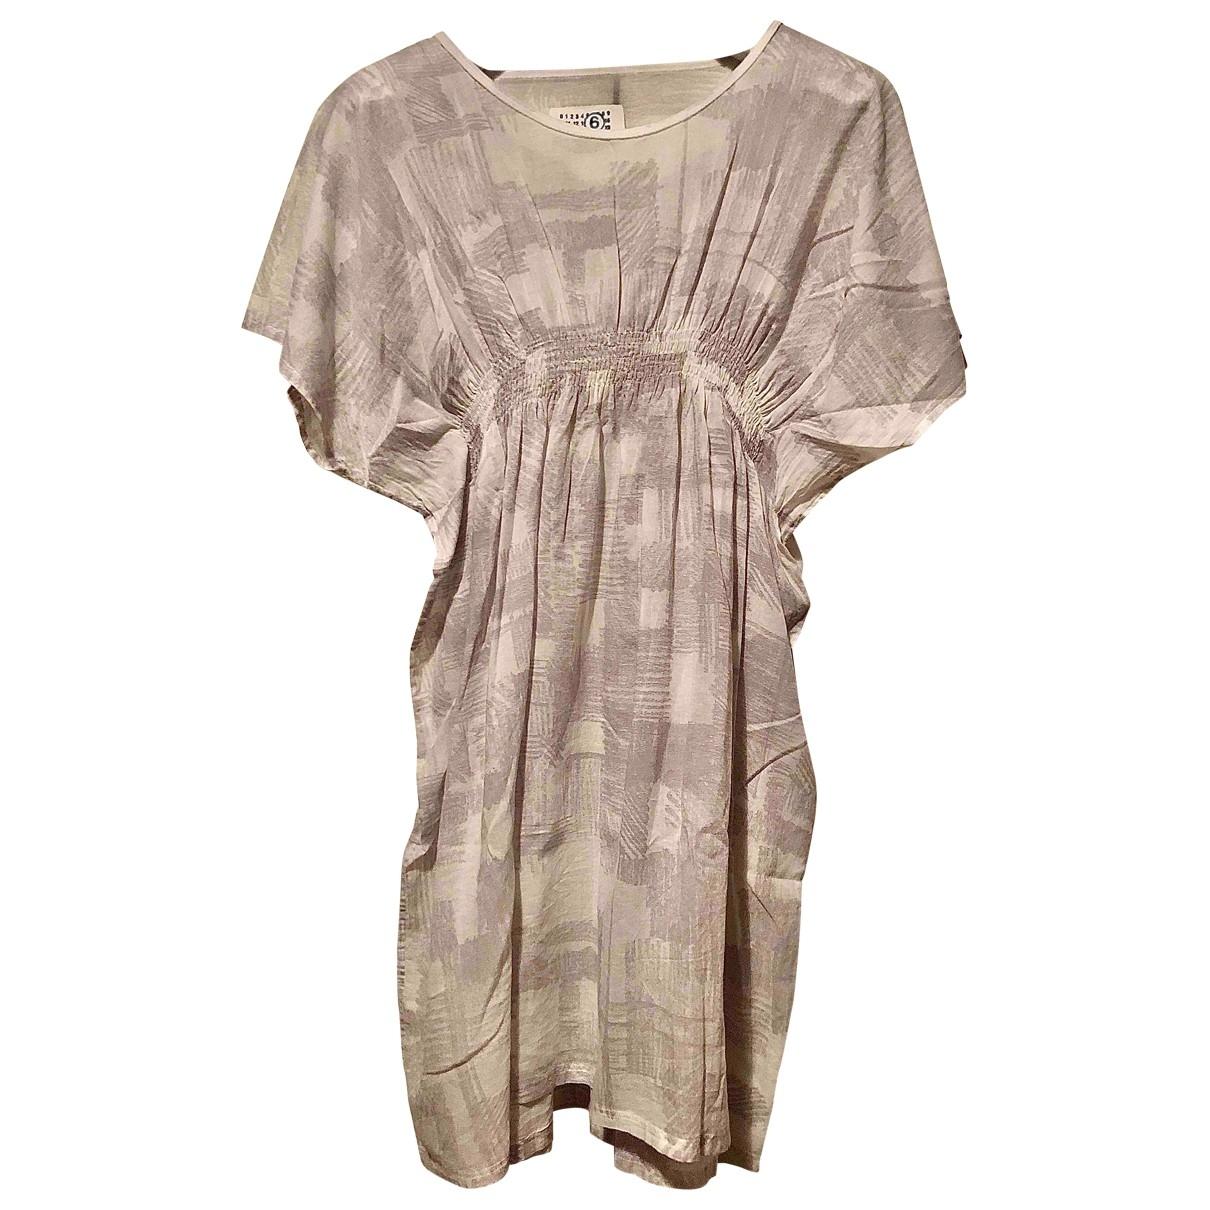 Mm6 \N Kleid in  Weiss Baumwolle